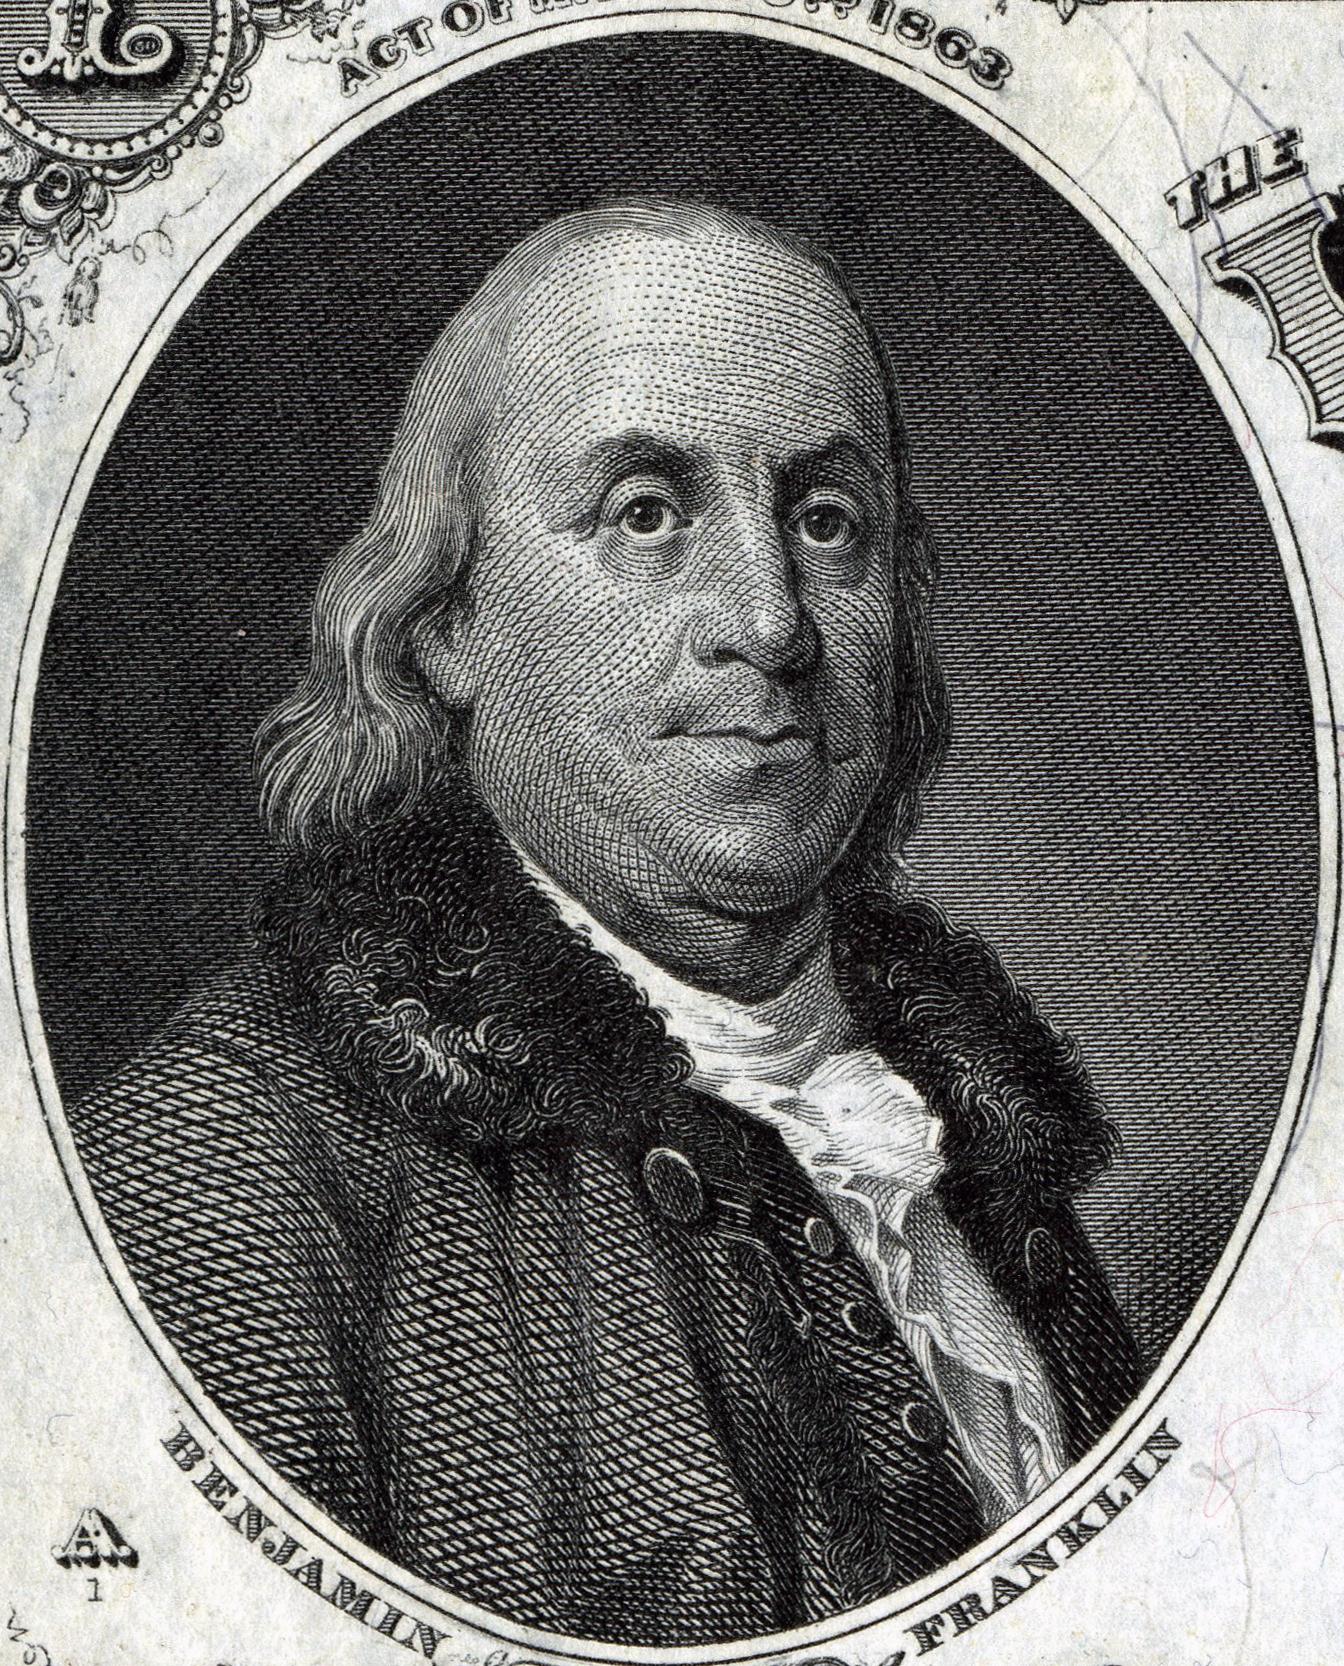 Benjamin_Franklin_(Engraved_Portrait)